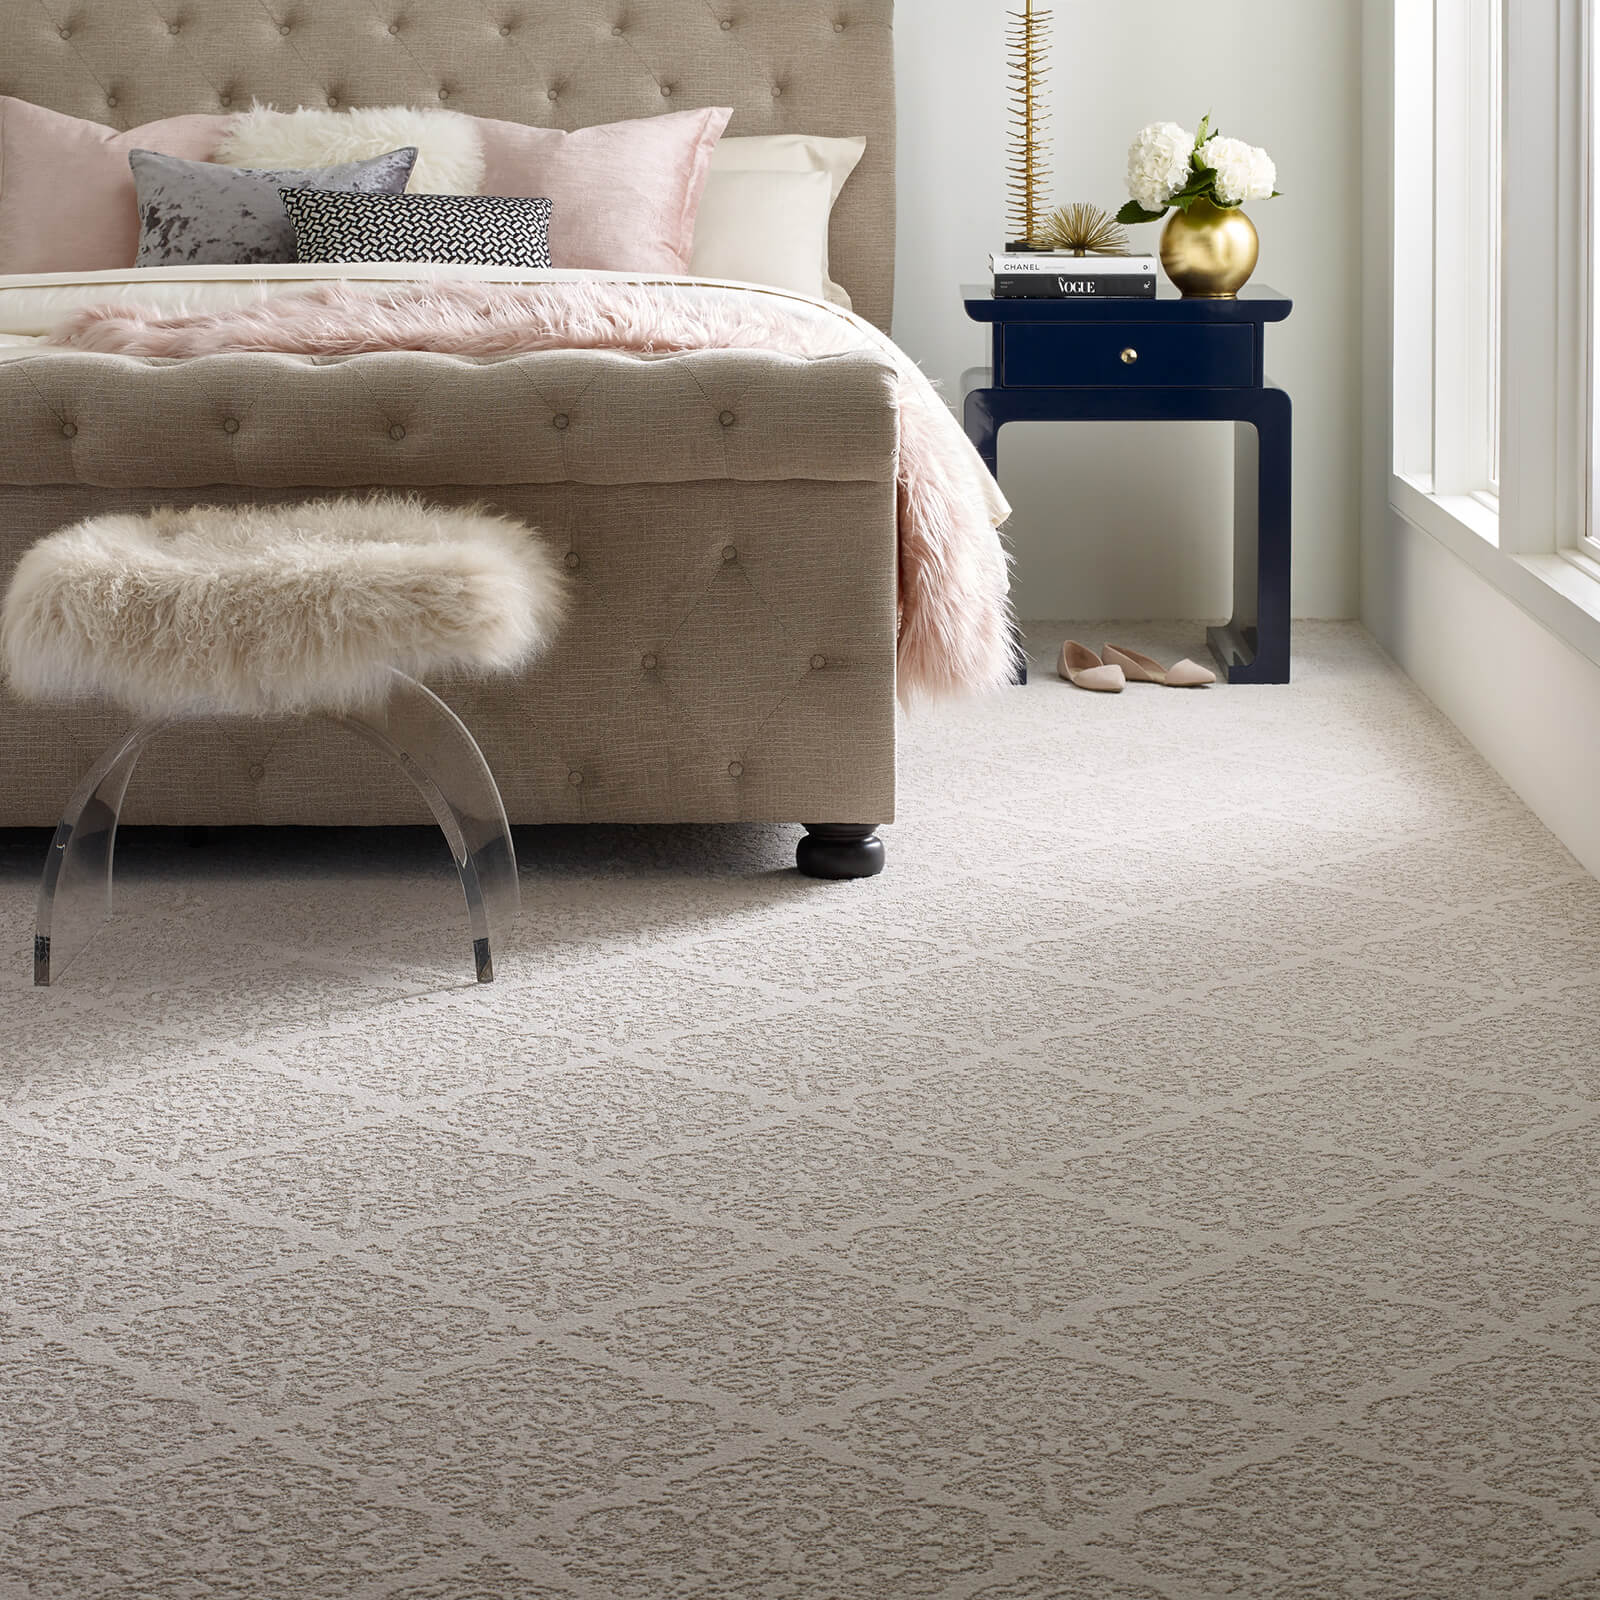 Chateau Fare | Carefree Carpets & Floors